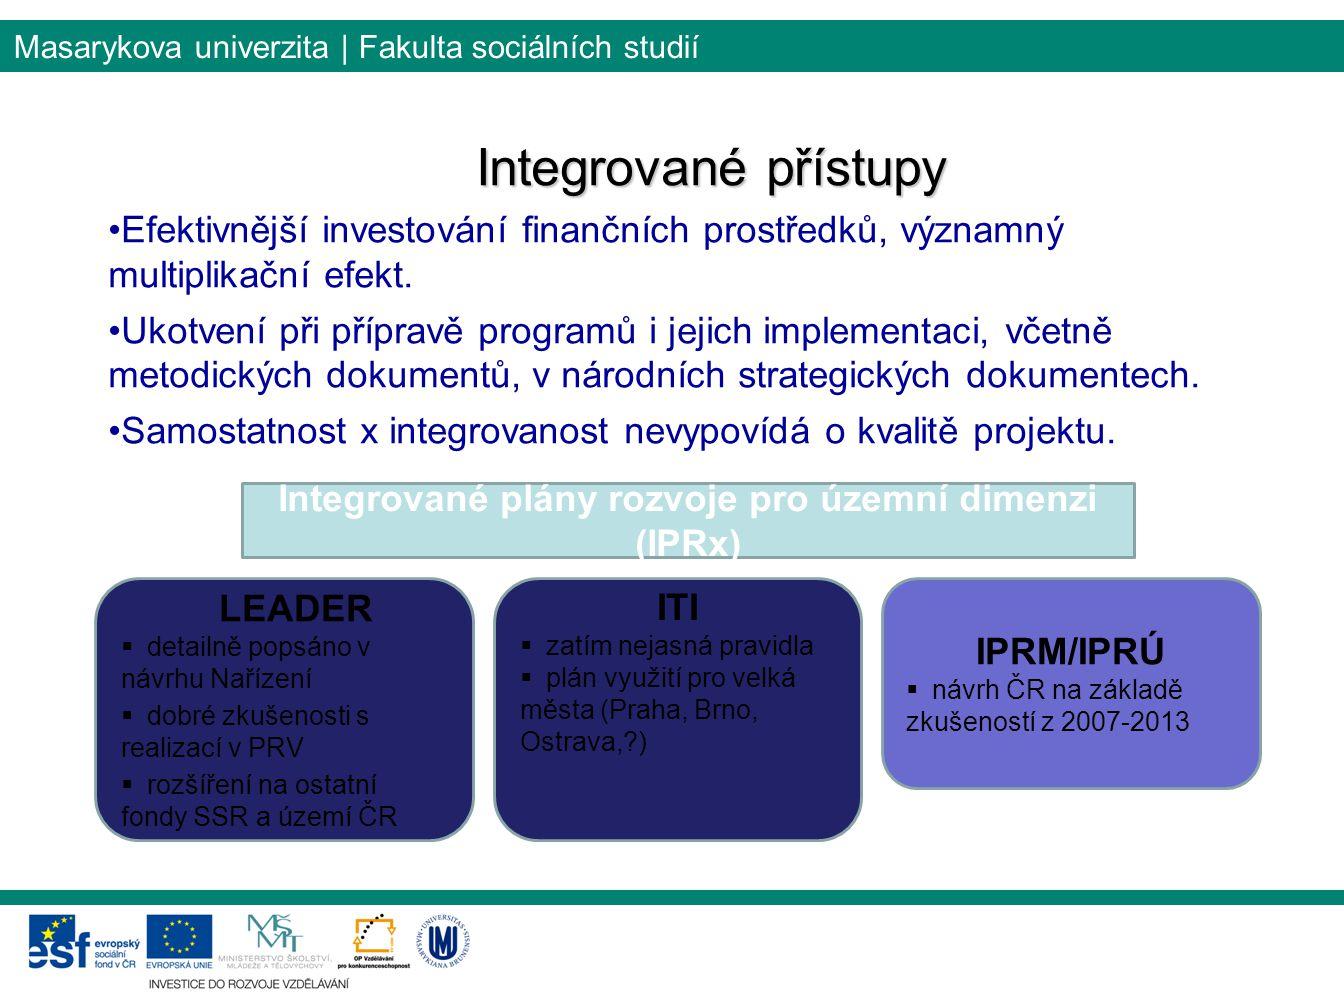 Integrované plány rozvoje pro územní dimenzi (IPRx)